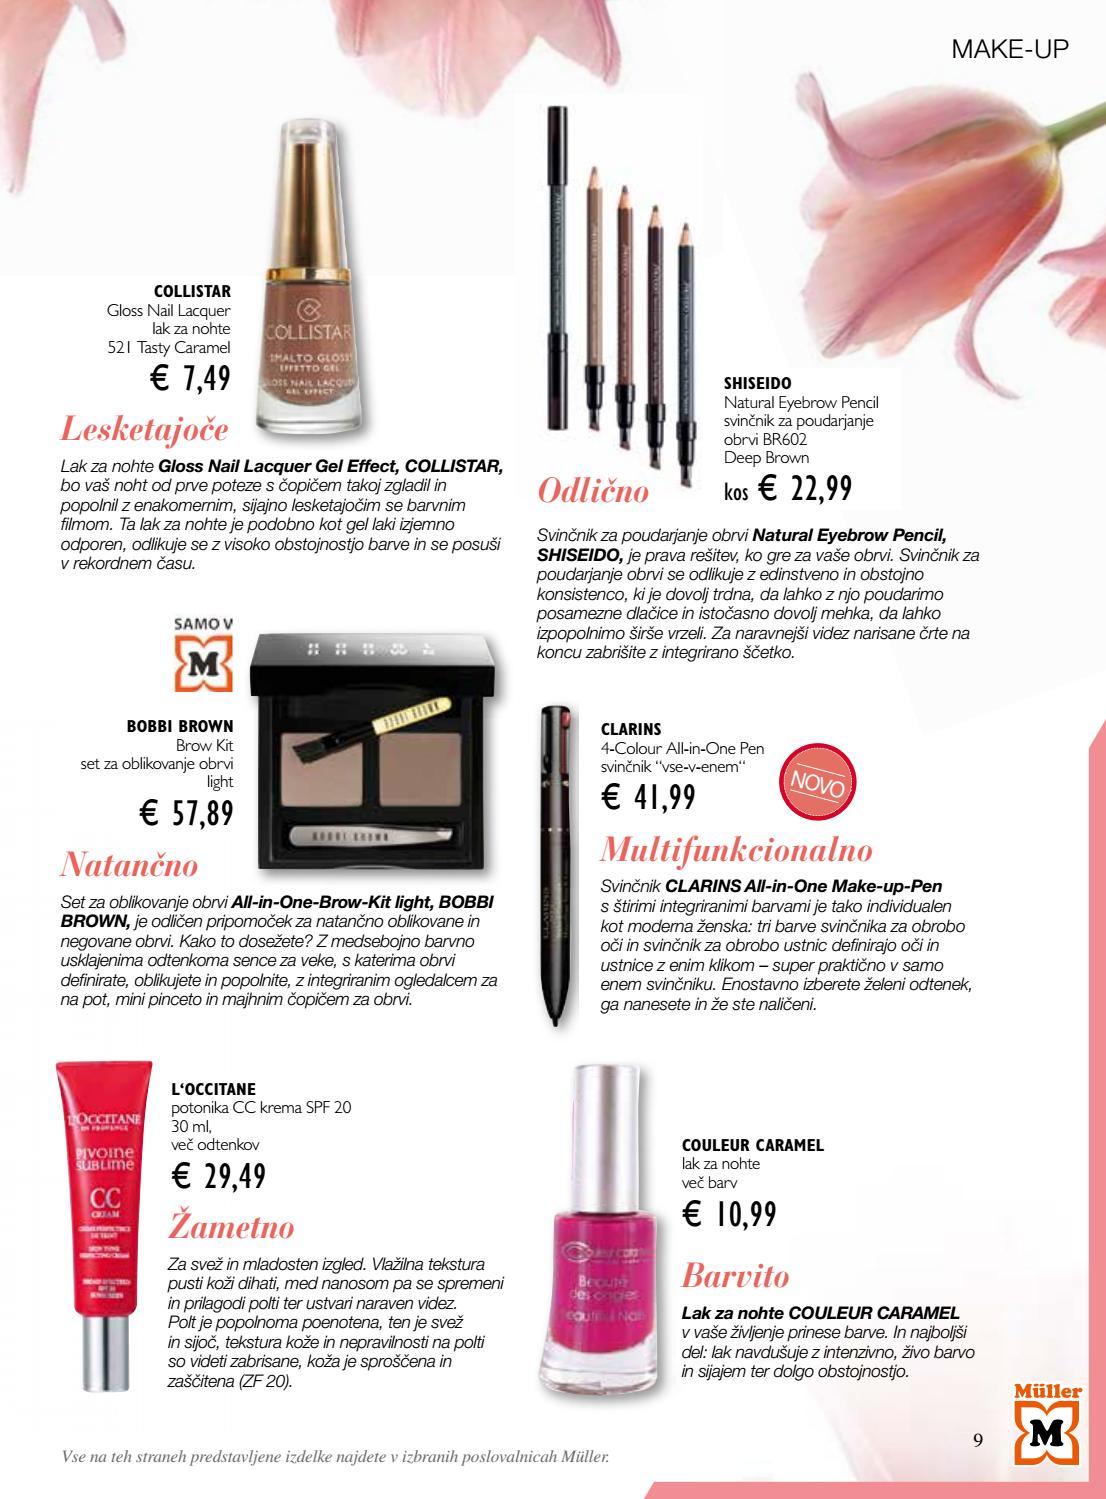 Muller Katalog Luxus By Vsikatalogi Si Issuu